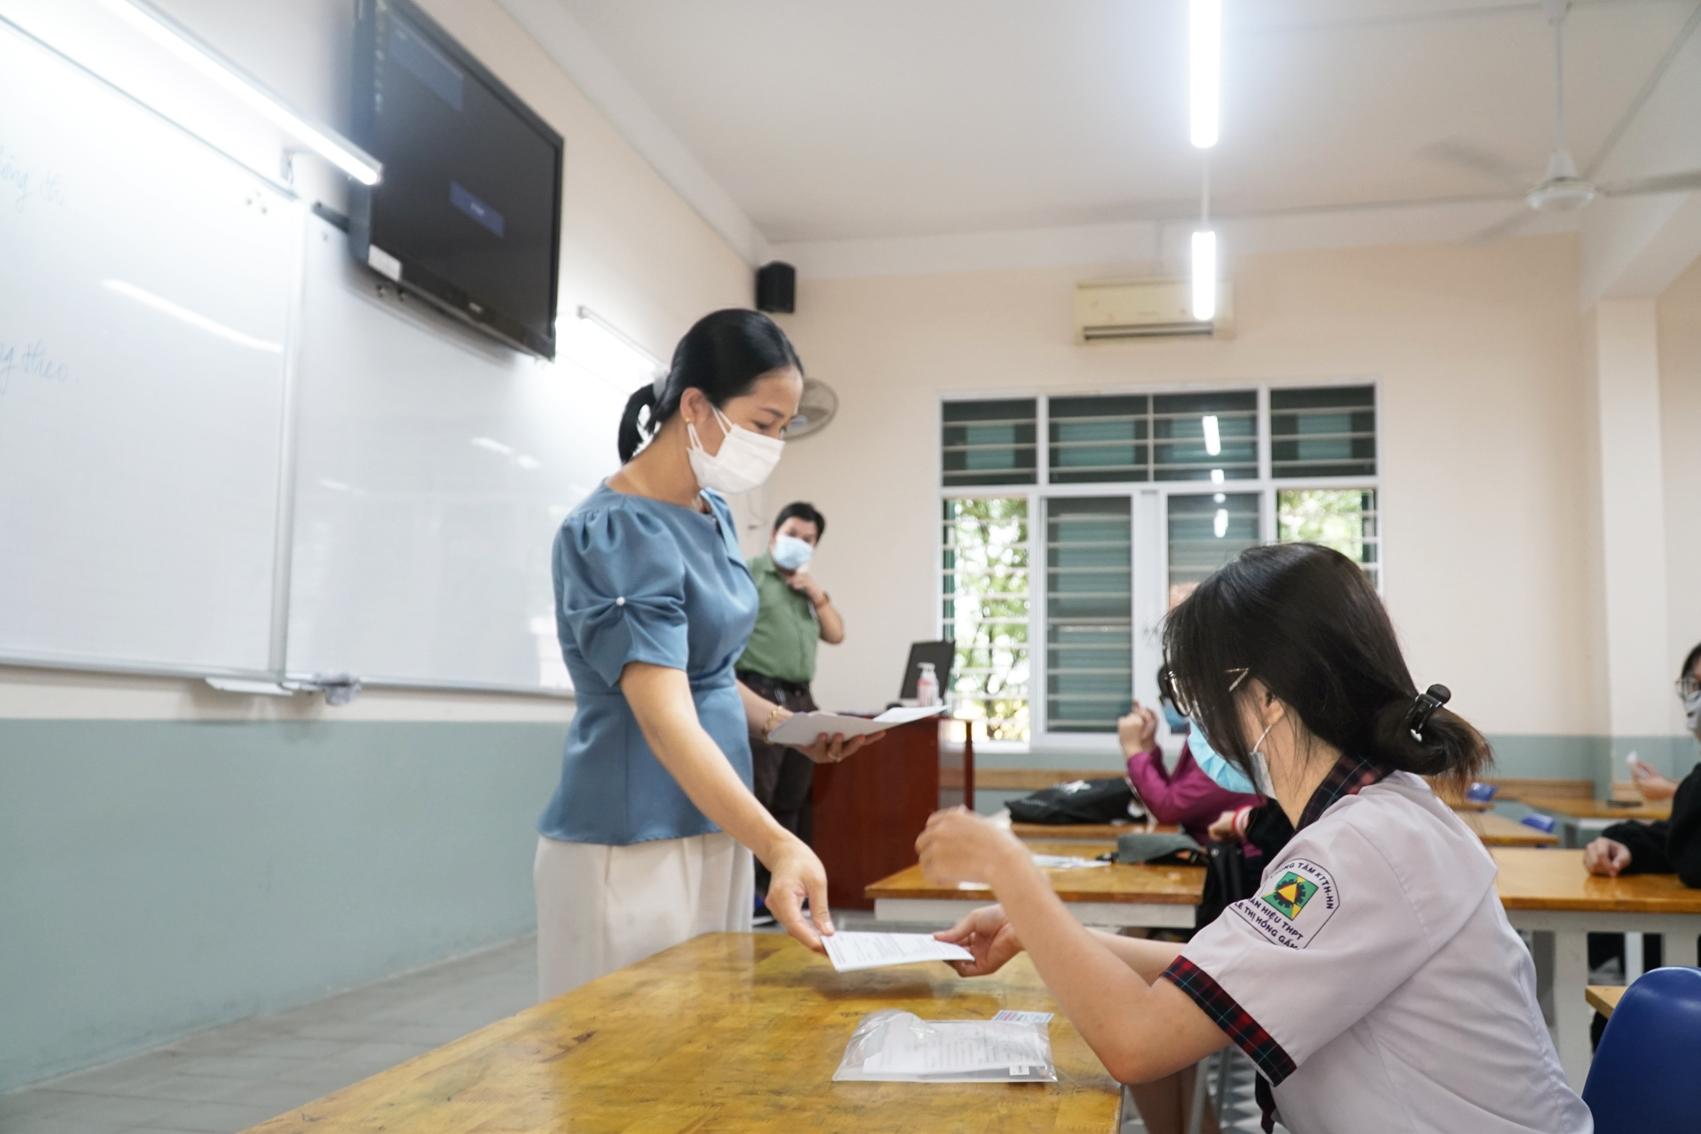 Thí sinh nhận tờ khai báo y tế từ giáo viên - Ảnh: Tam Nguyên